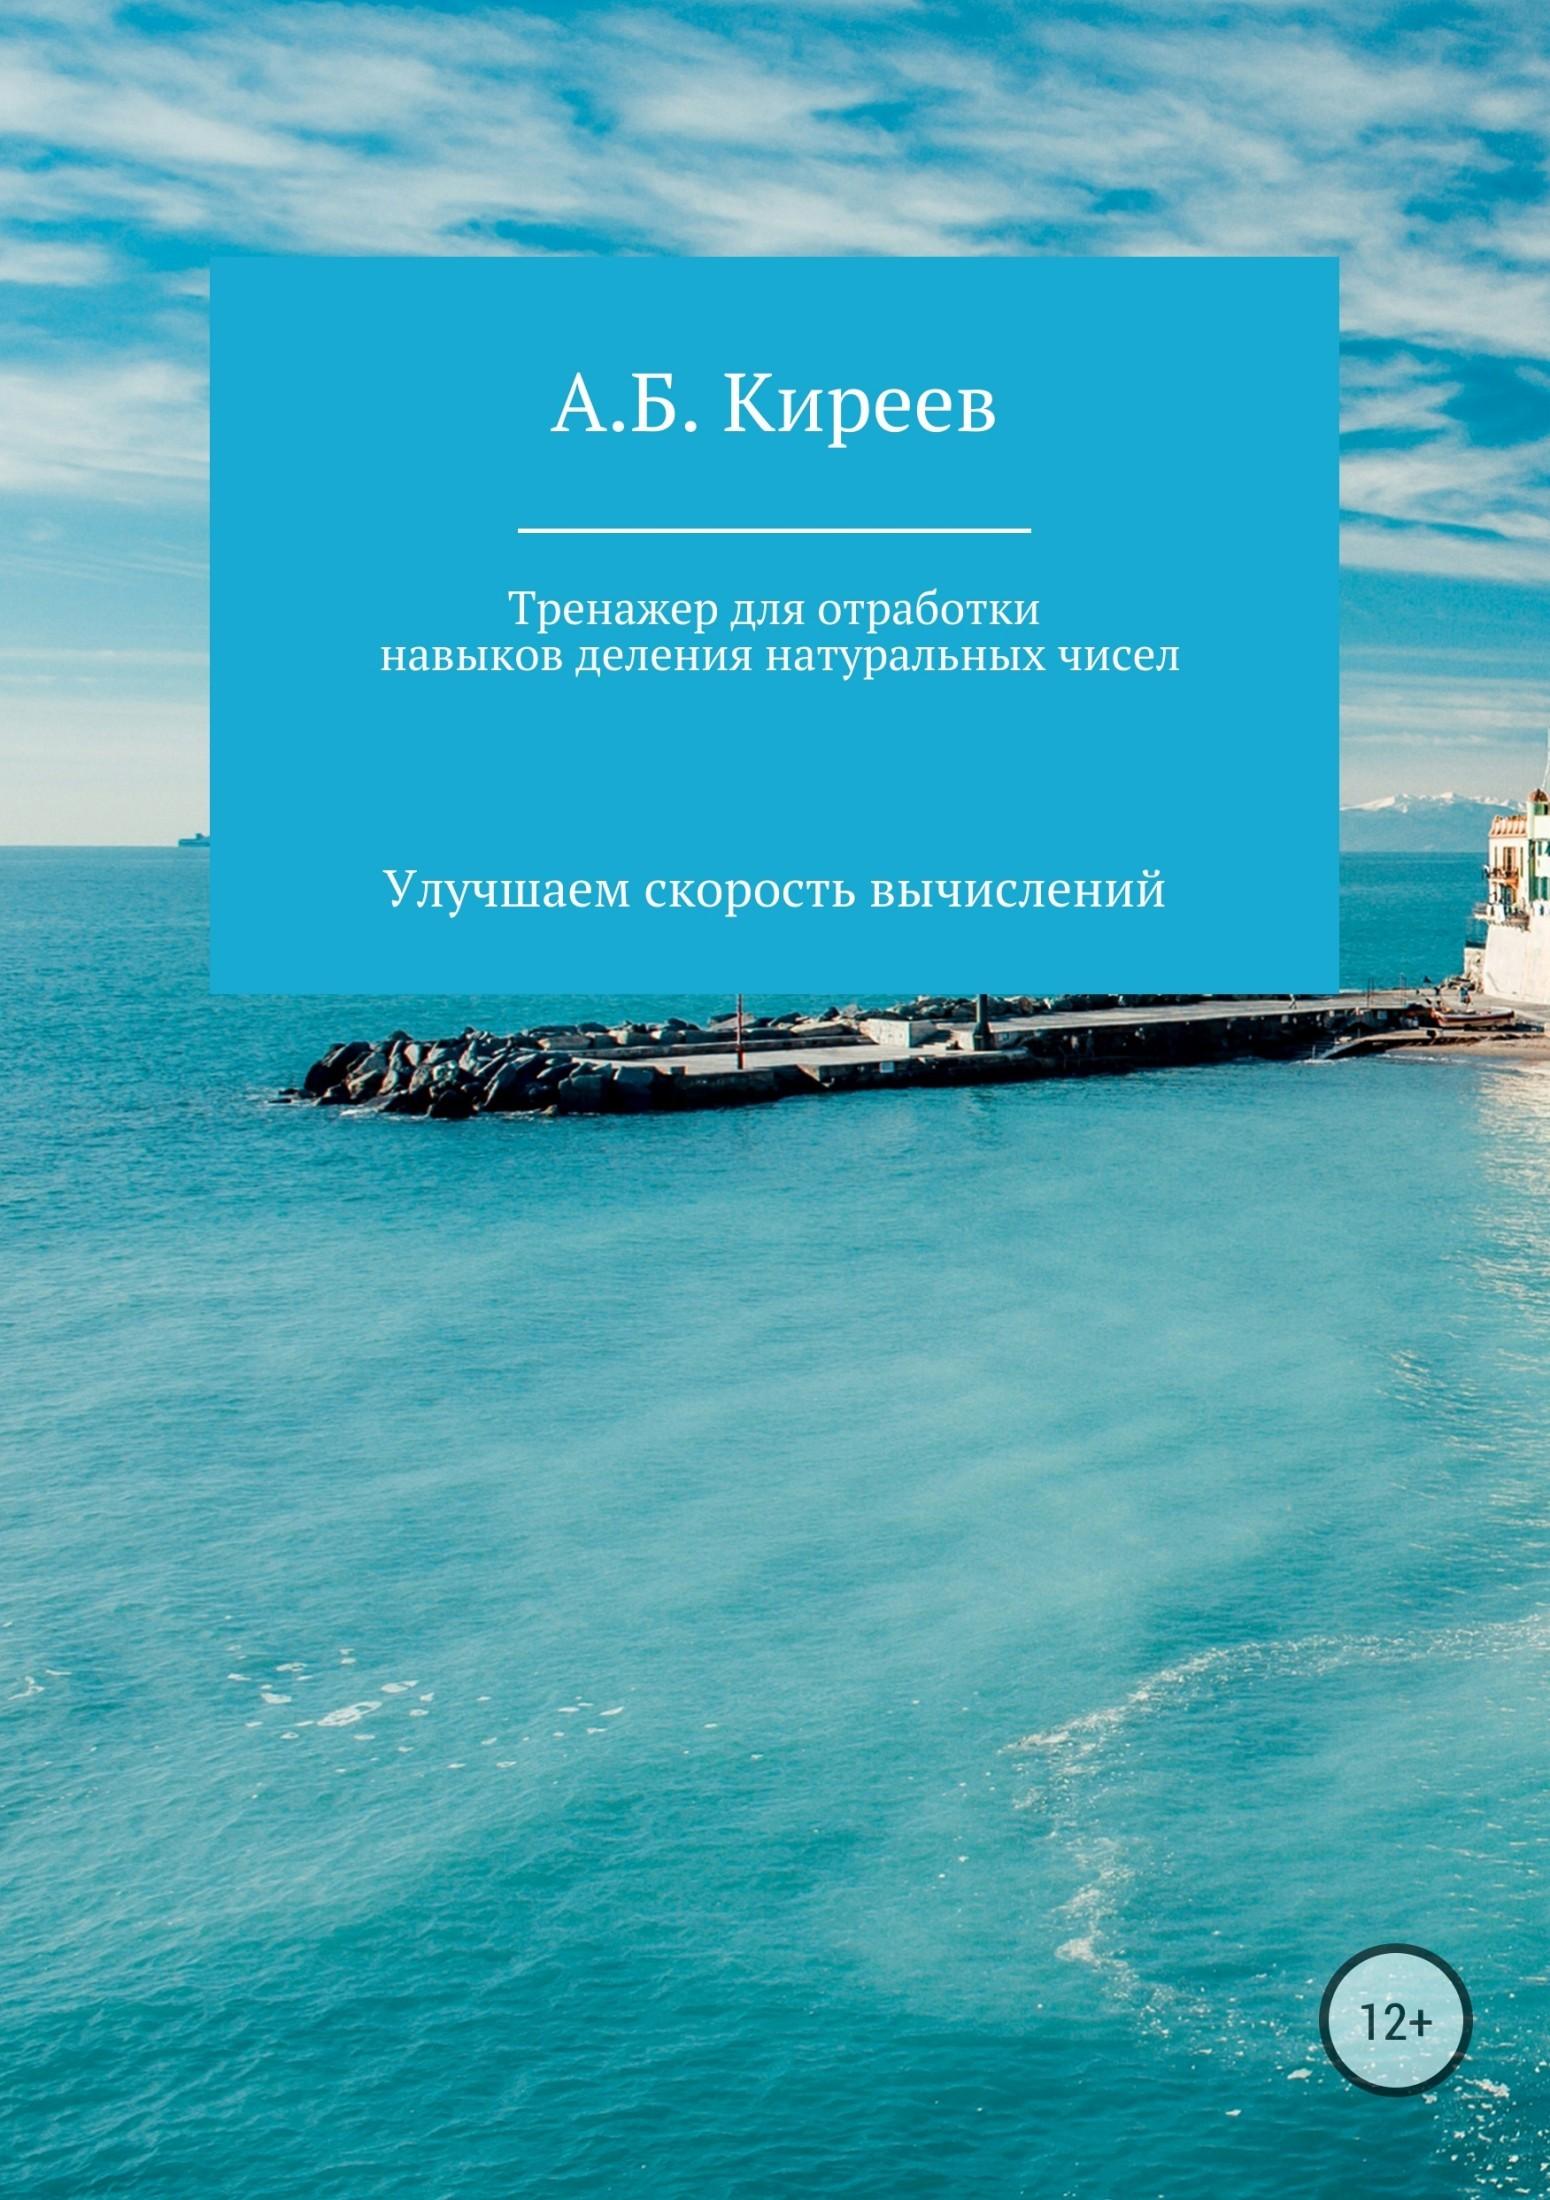 Азамат Киреев - Тренажер для отработки навыков деления натуральных чисел